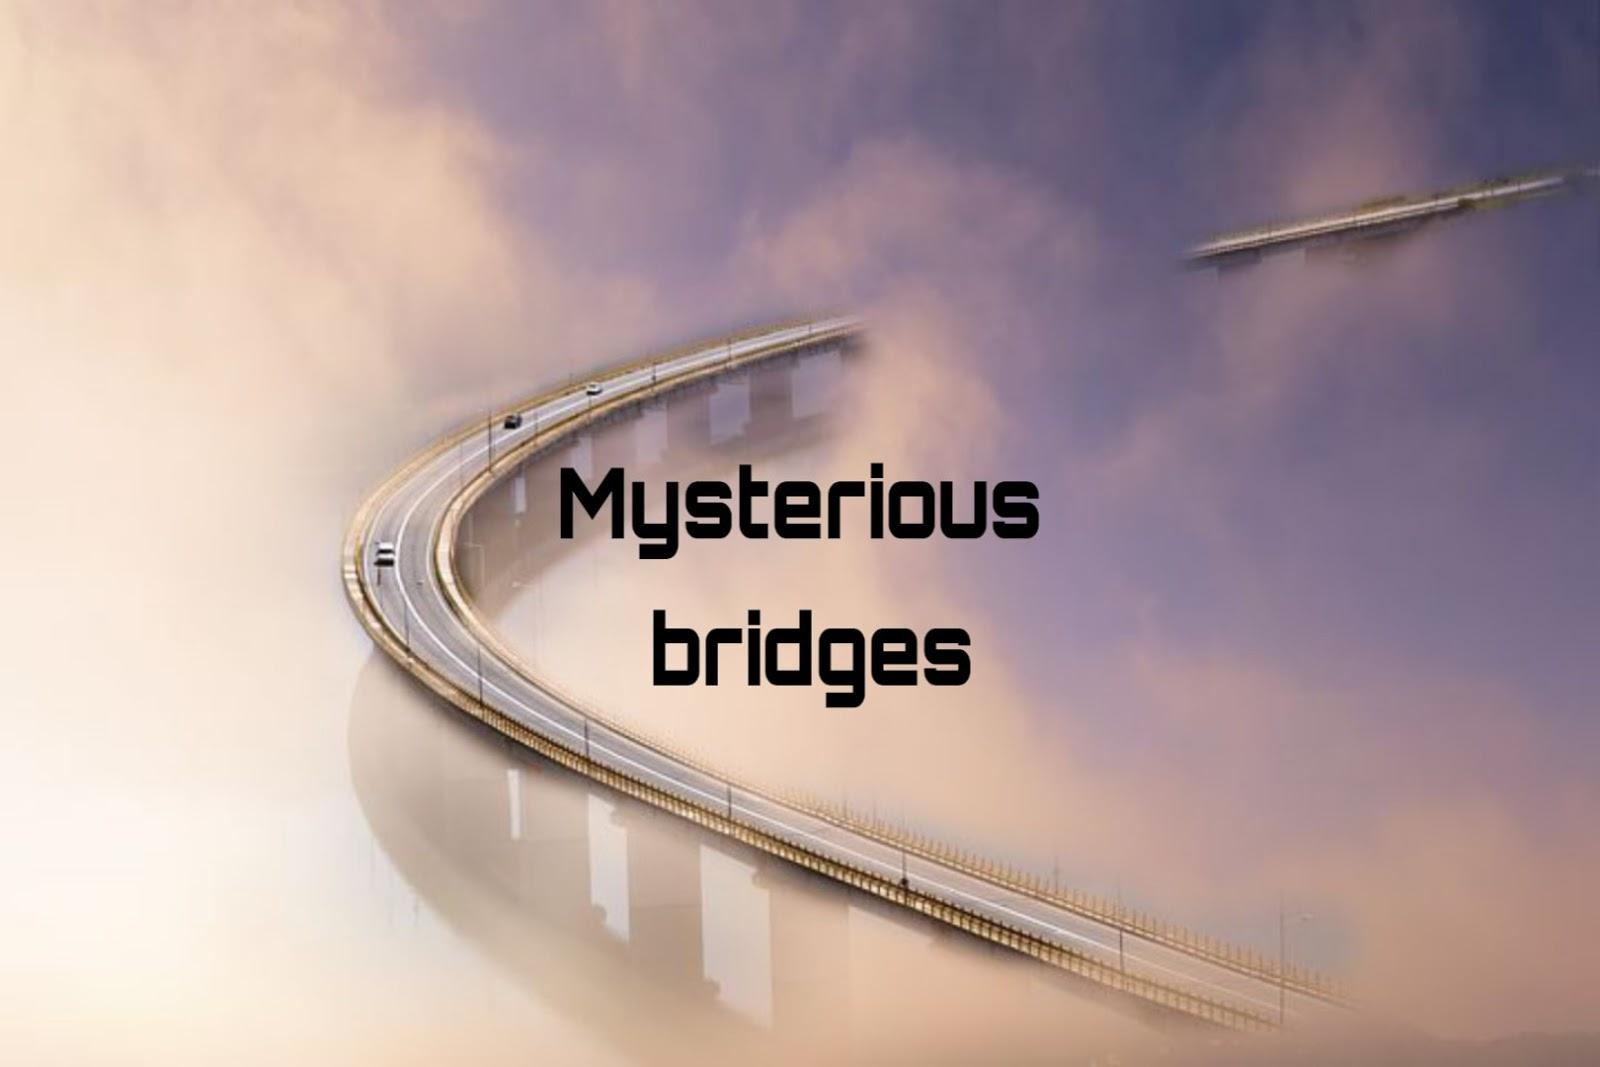 दुनिया के सबसे खतरनाक पुल कौन से है? | विश्व के 10 सबसे खतरनाक और अजीबो गरीब ब्रिज